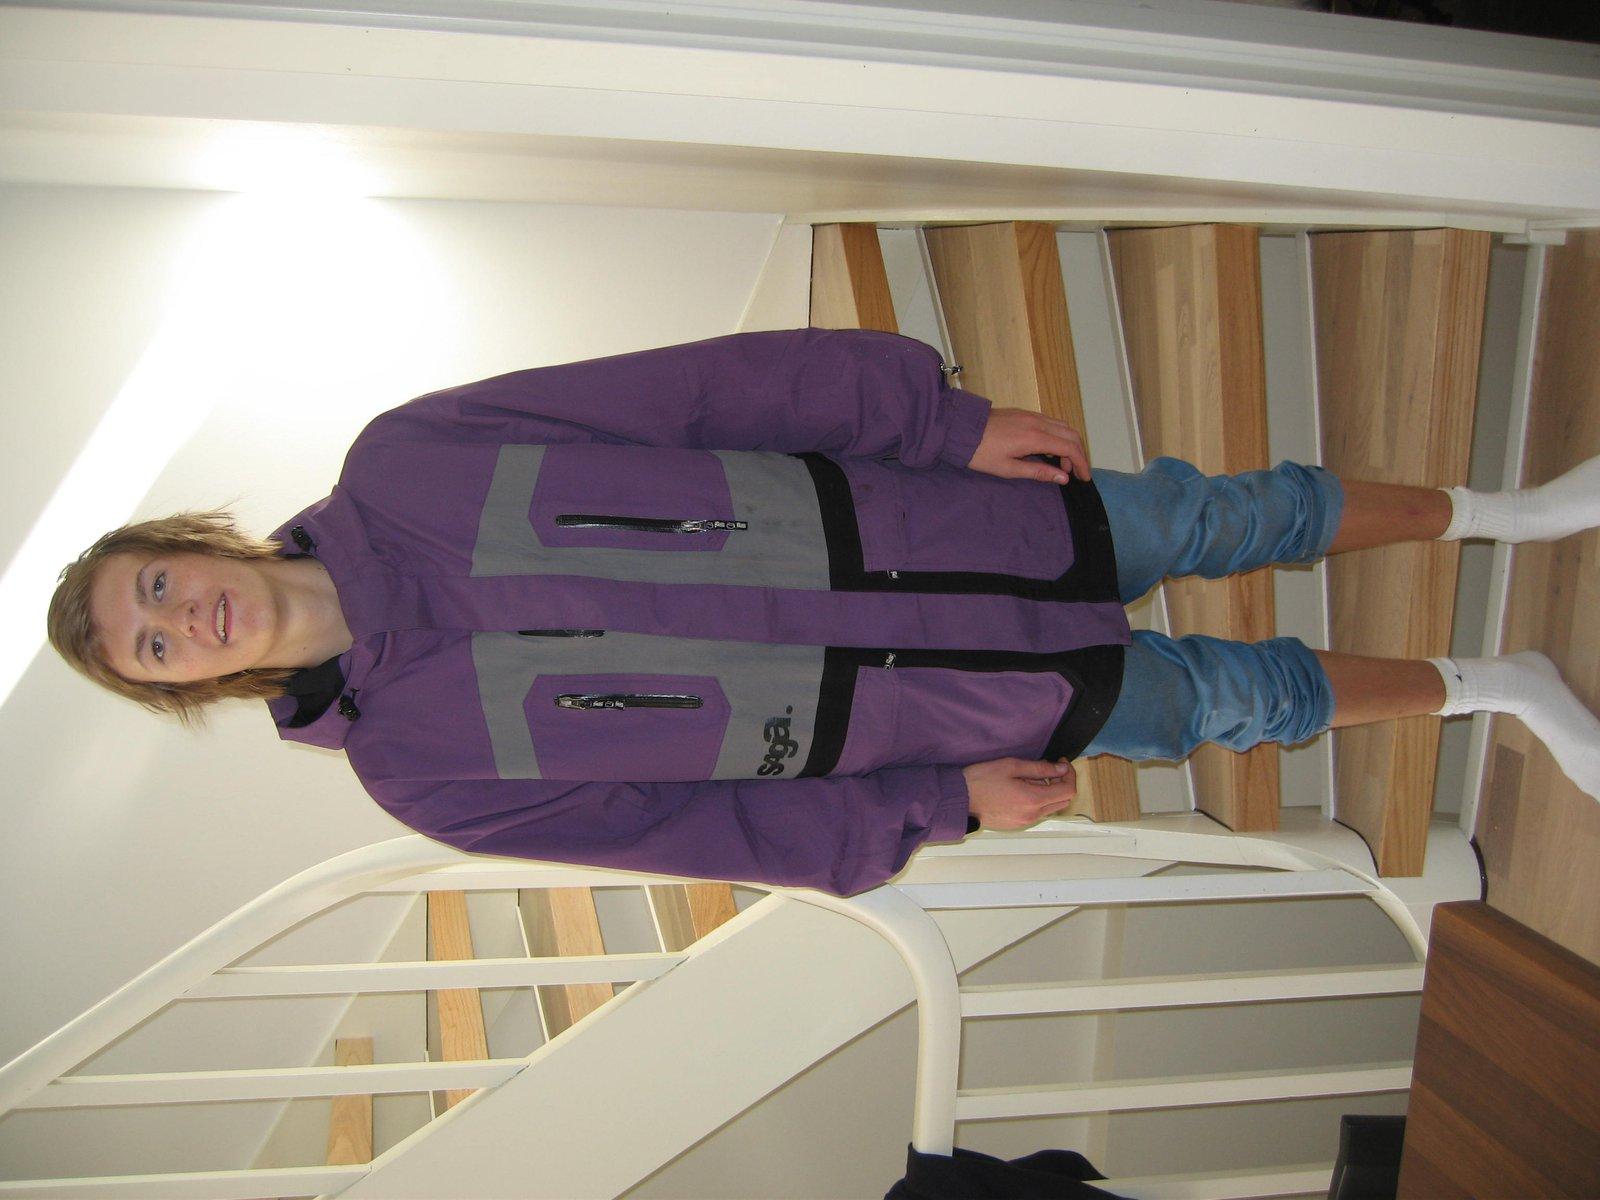 My saga jacket.